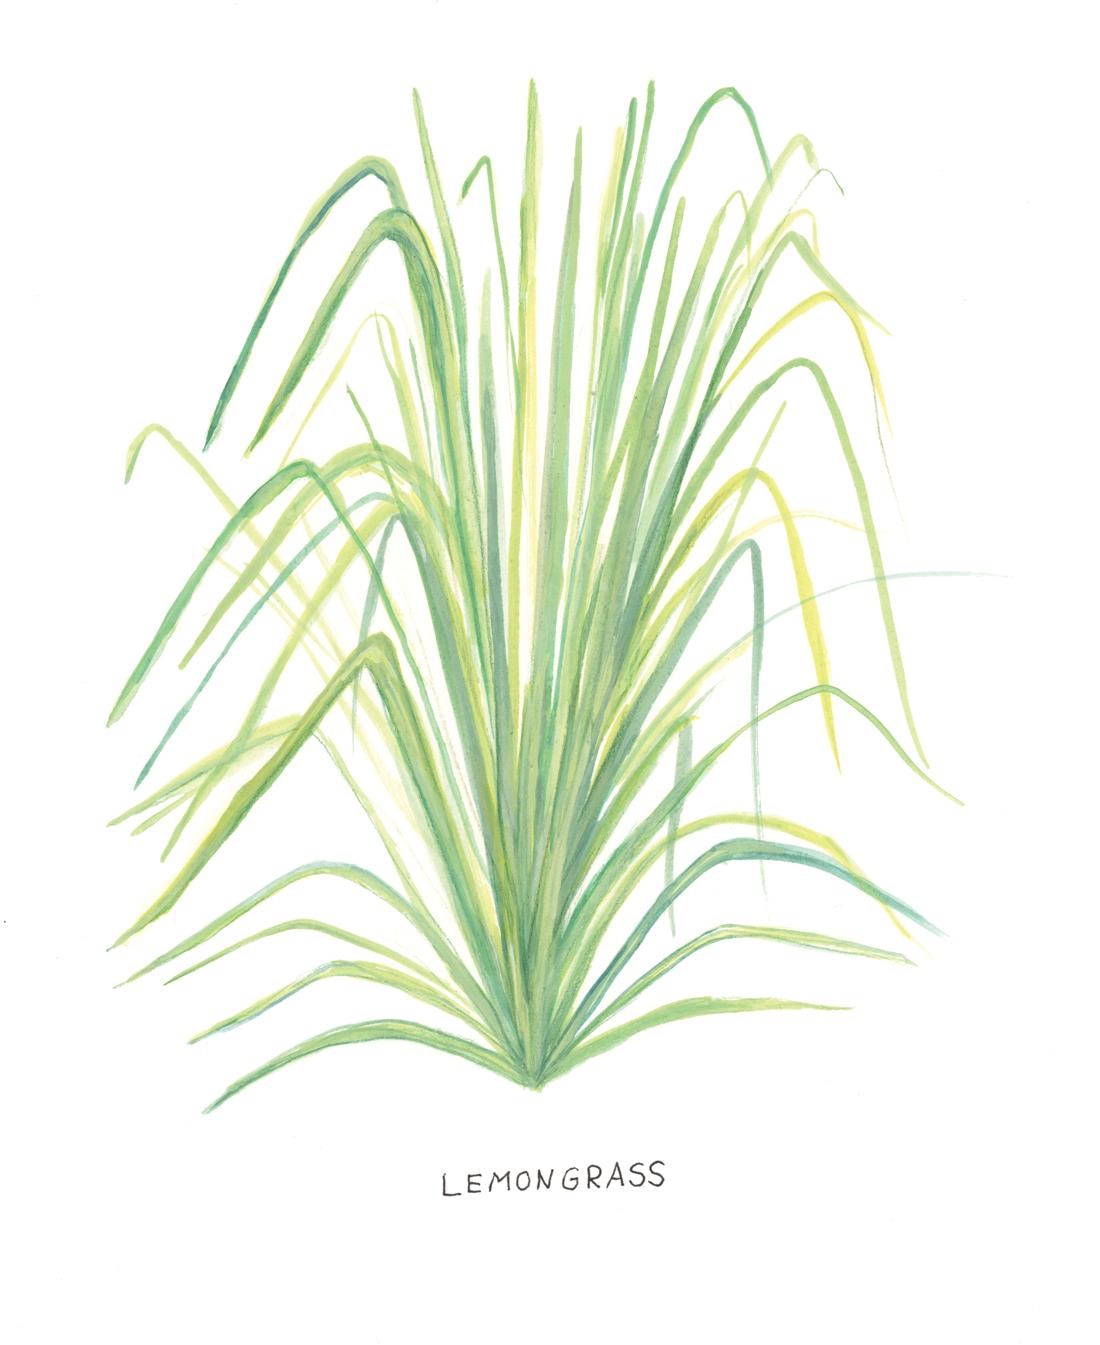 Lemongrass Botanical Illustration